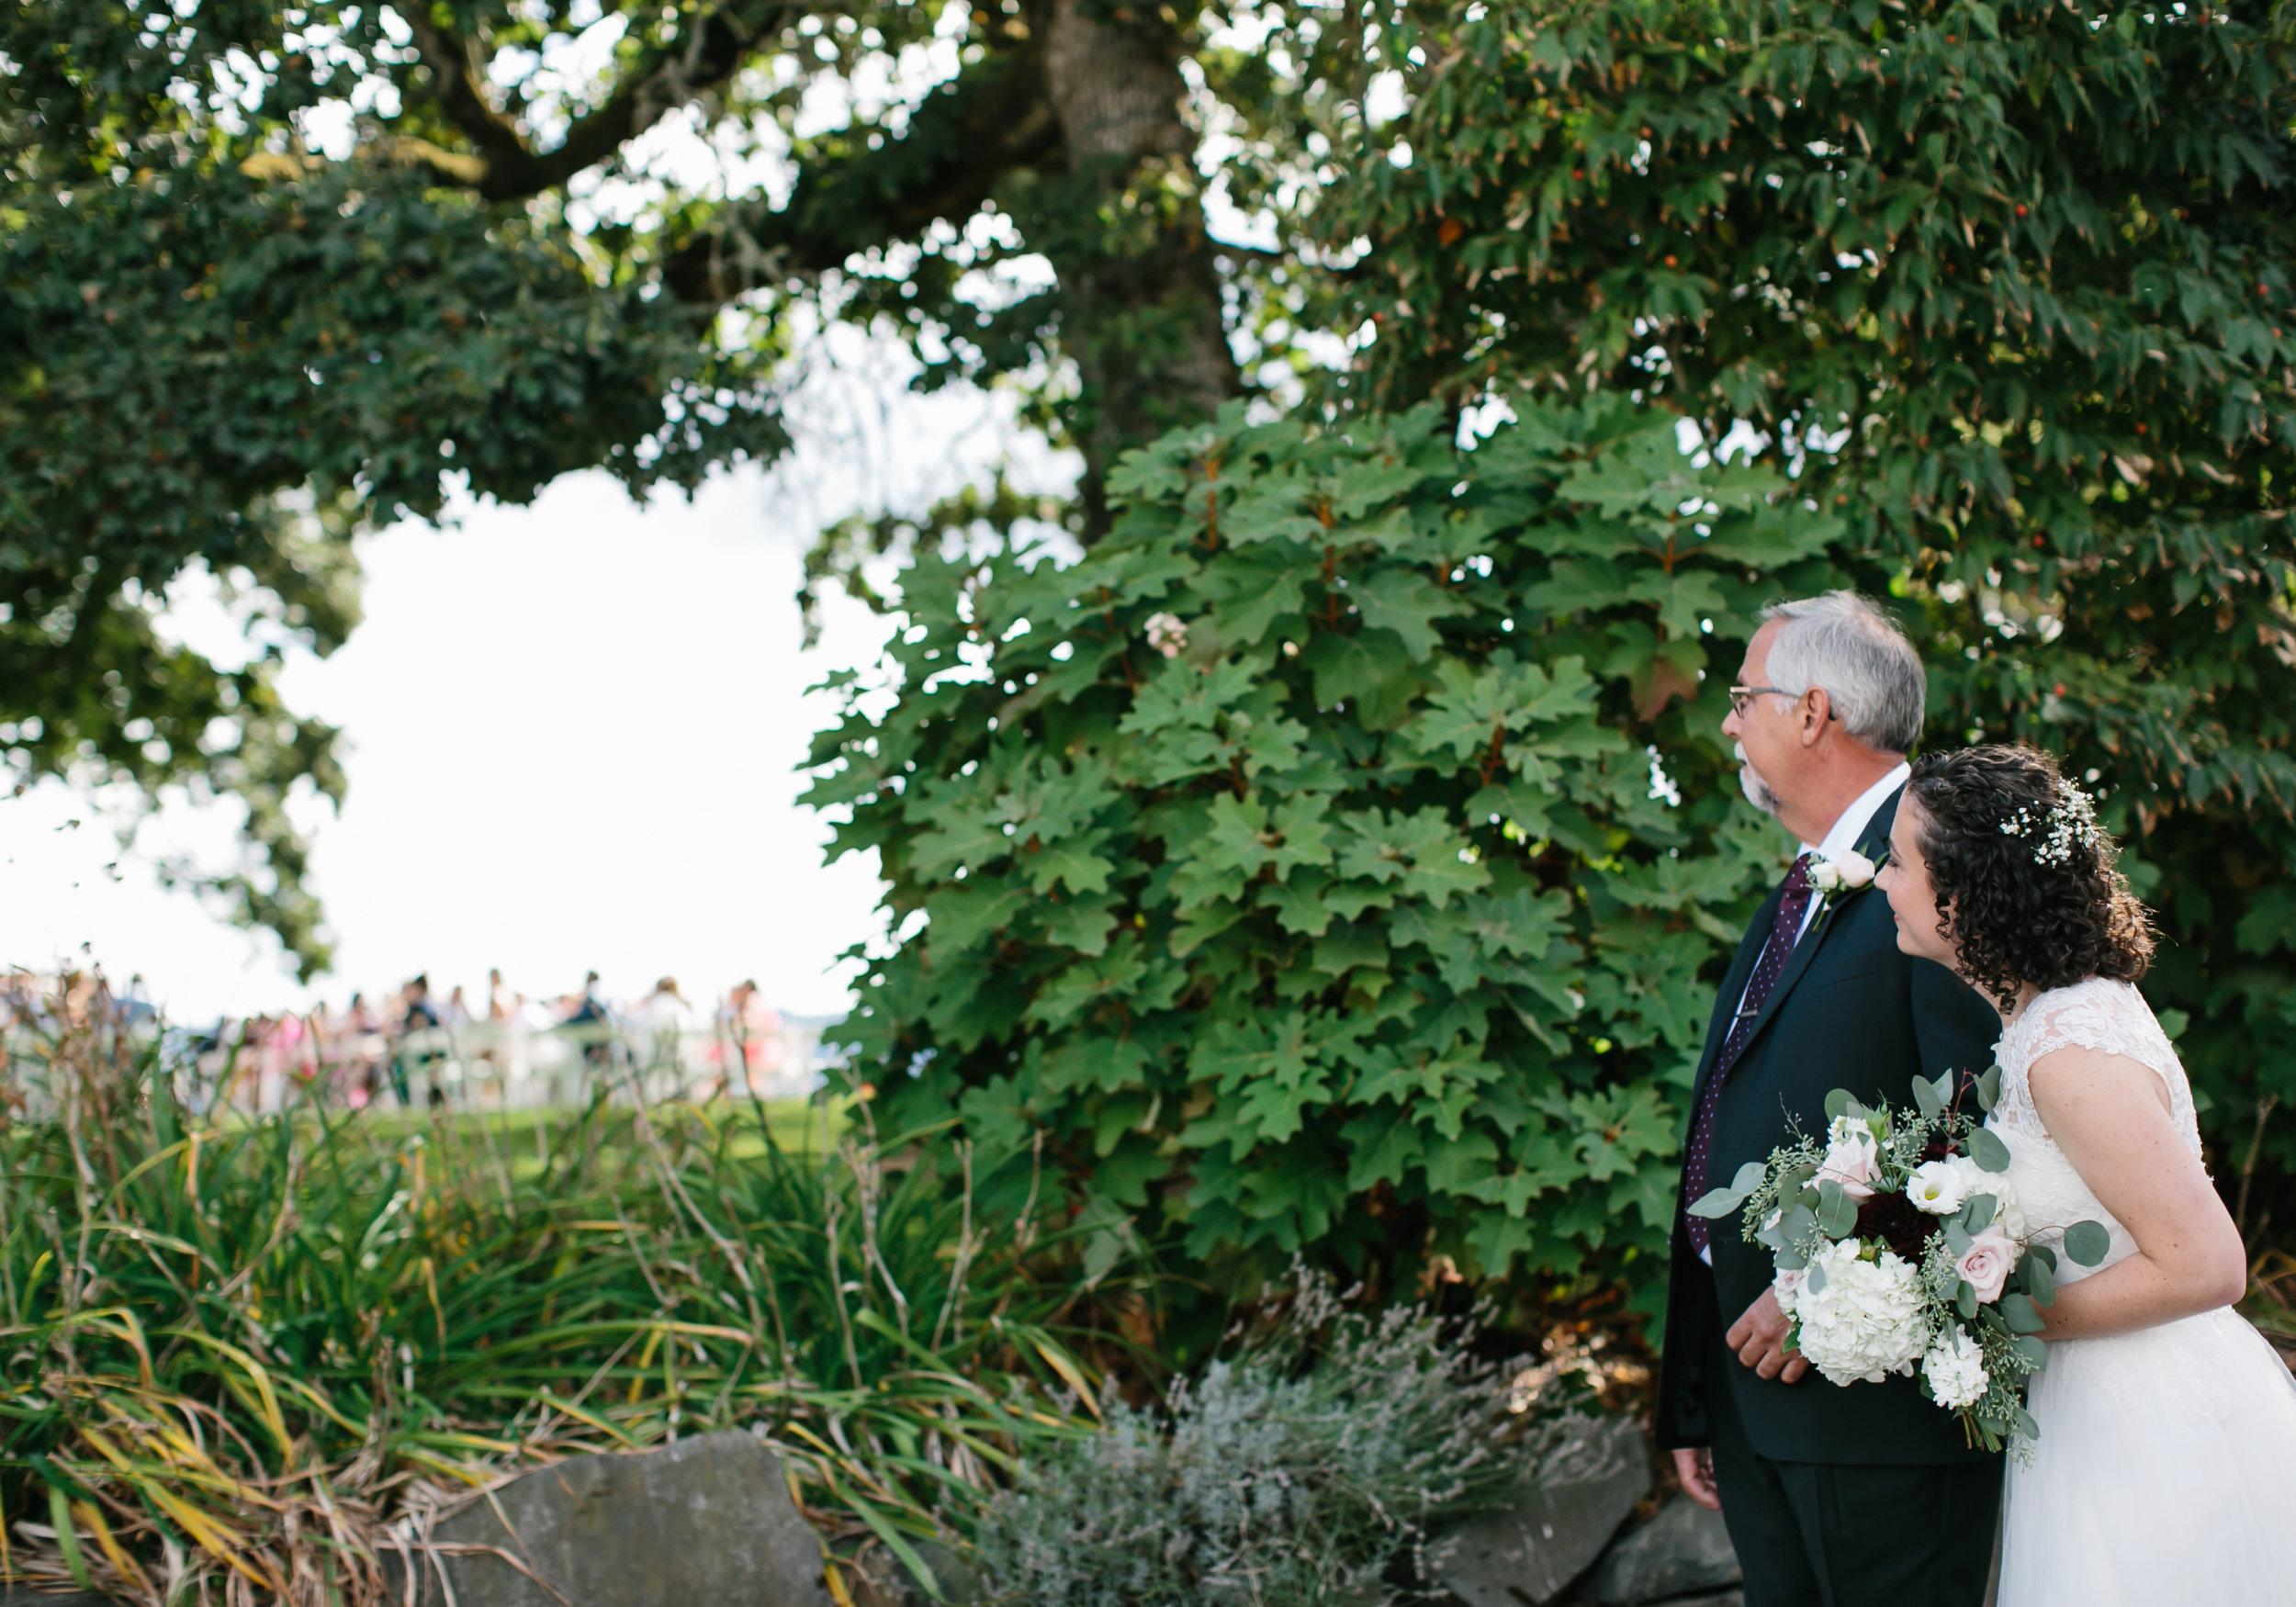 scholls-valley-lodge-wedding-photographer-ashley-courter0011.JPG